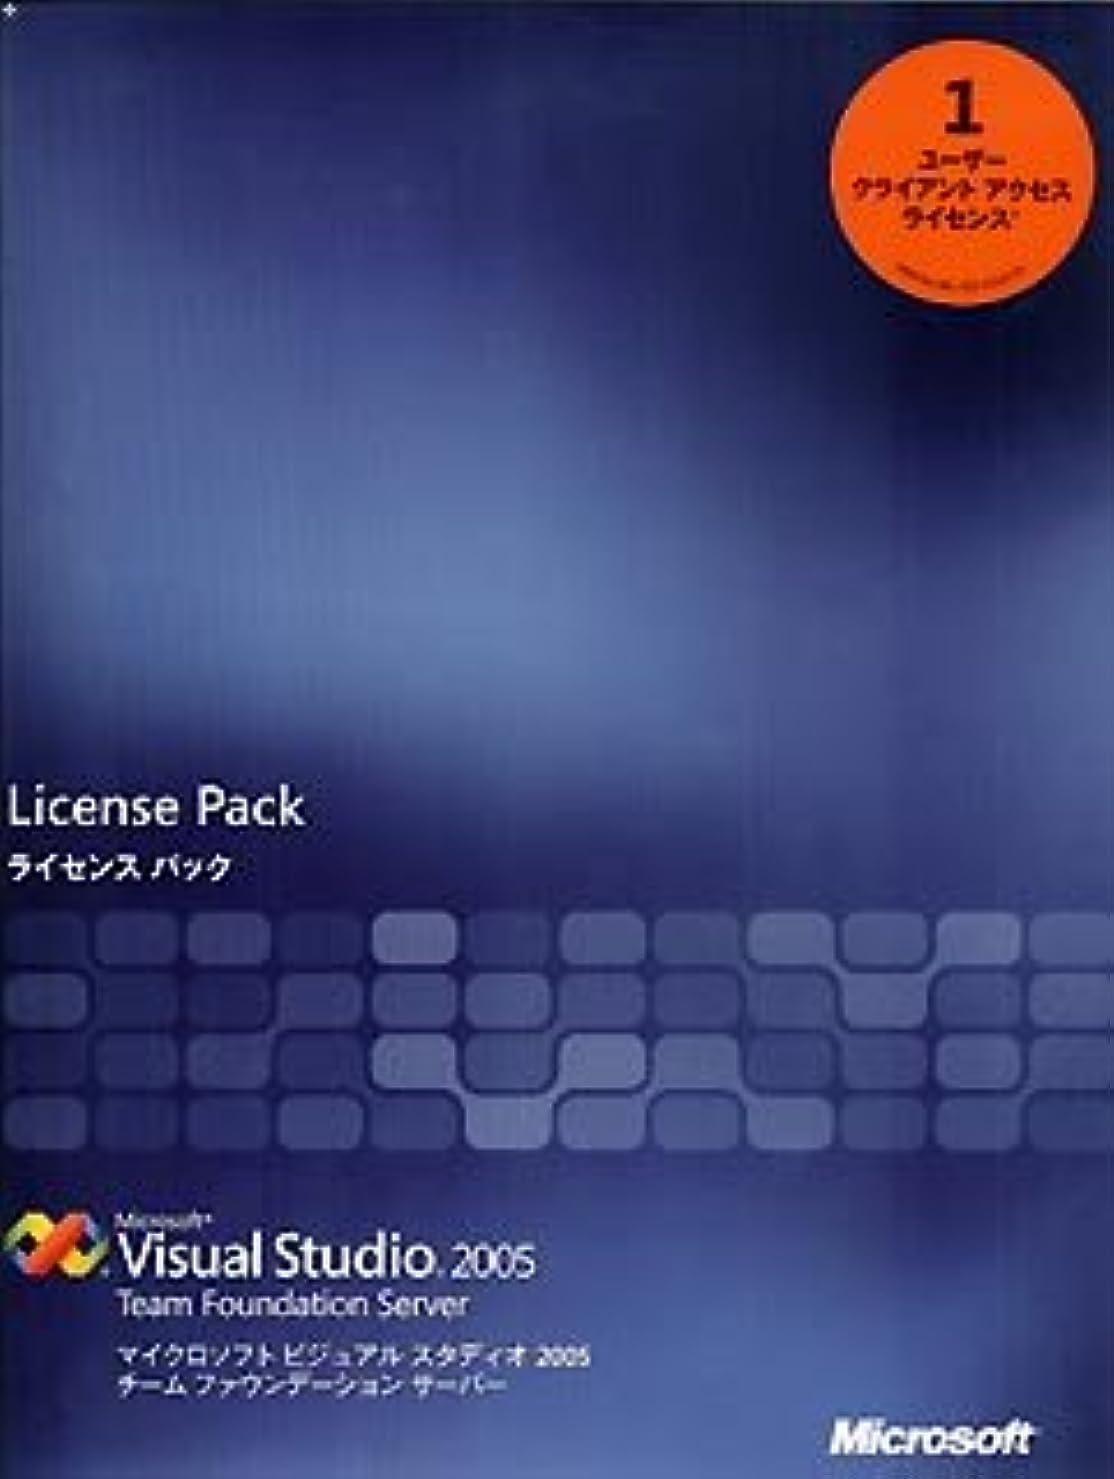 場所後ろ、背後、背面(部事故Microsoft Visual Studio 2005 Team Foundation Server 日本語版 1ユーザー クライアント アクセス ライセンス